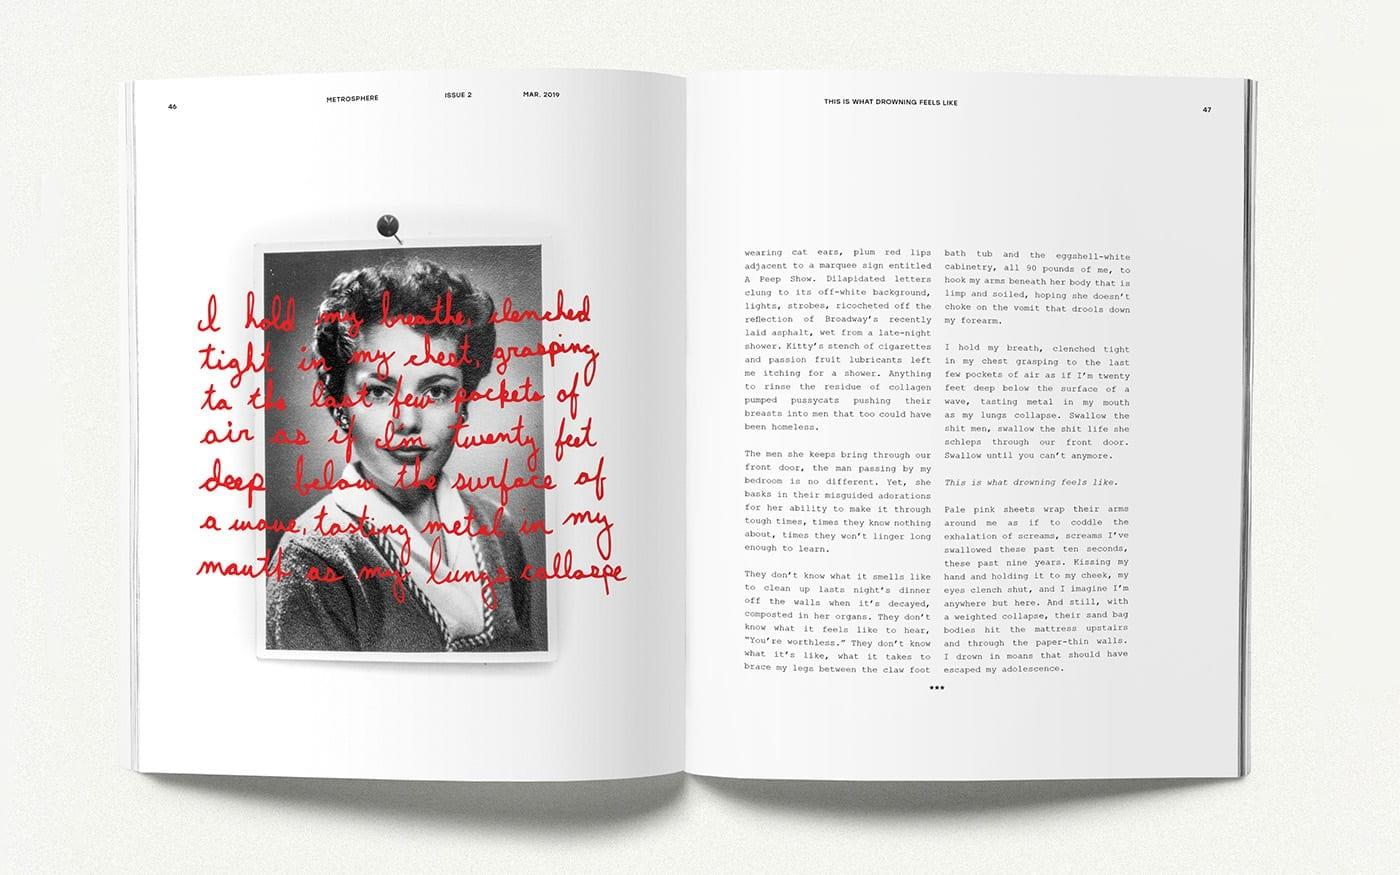 Metrosphere Magazine